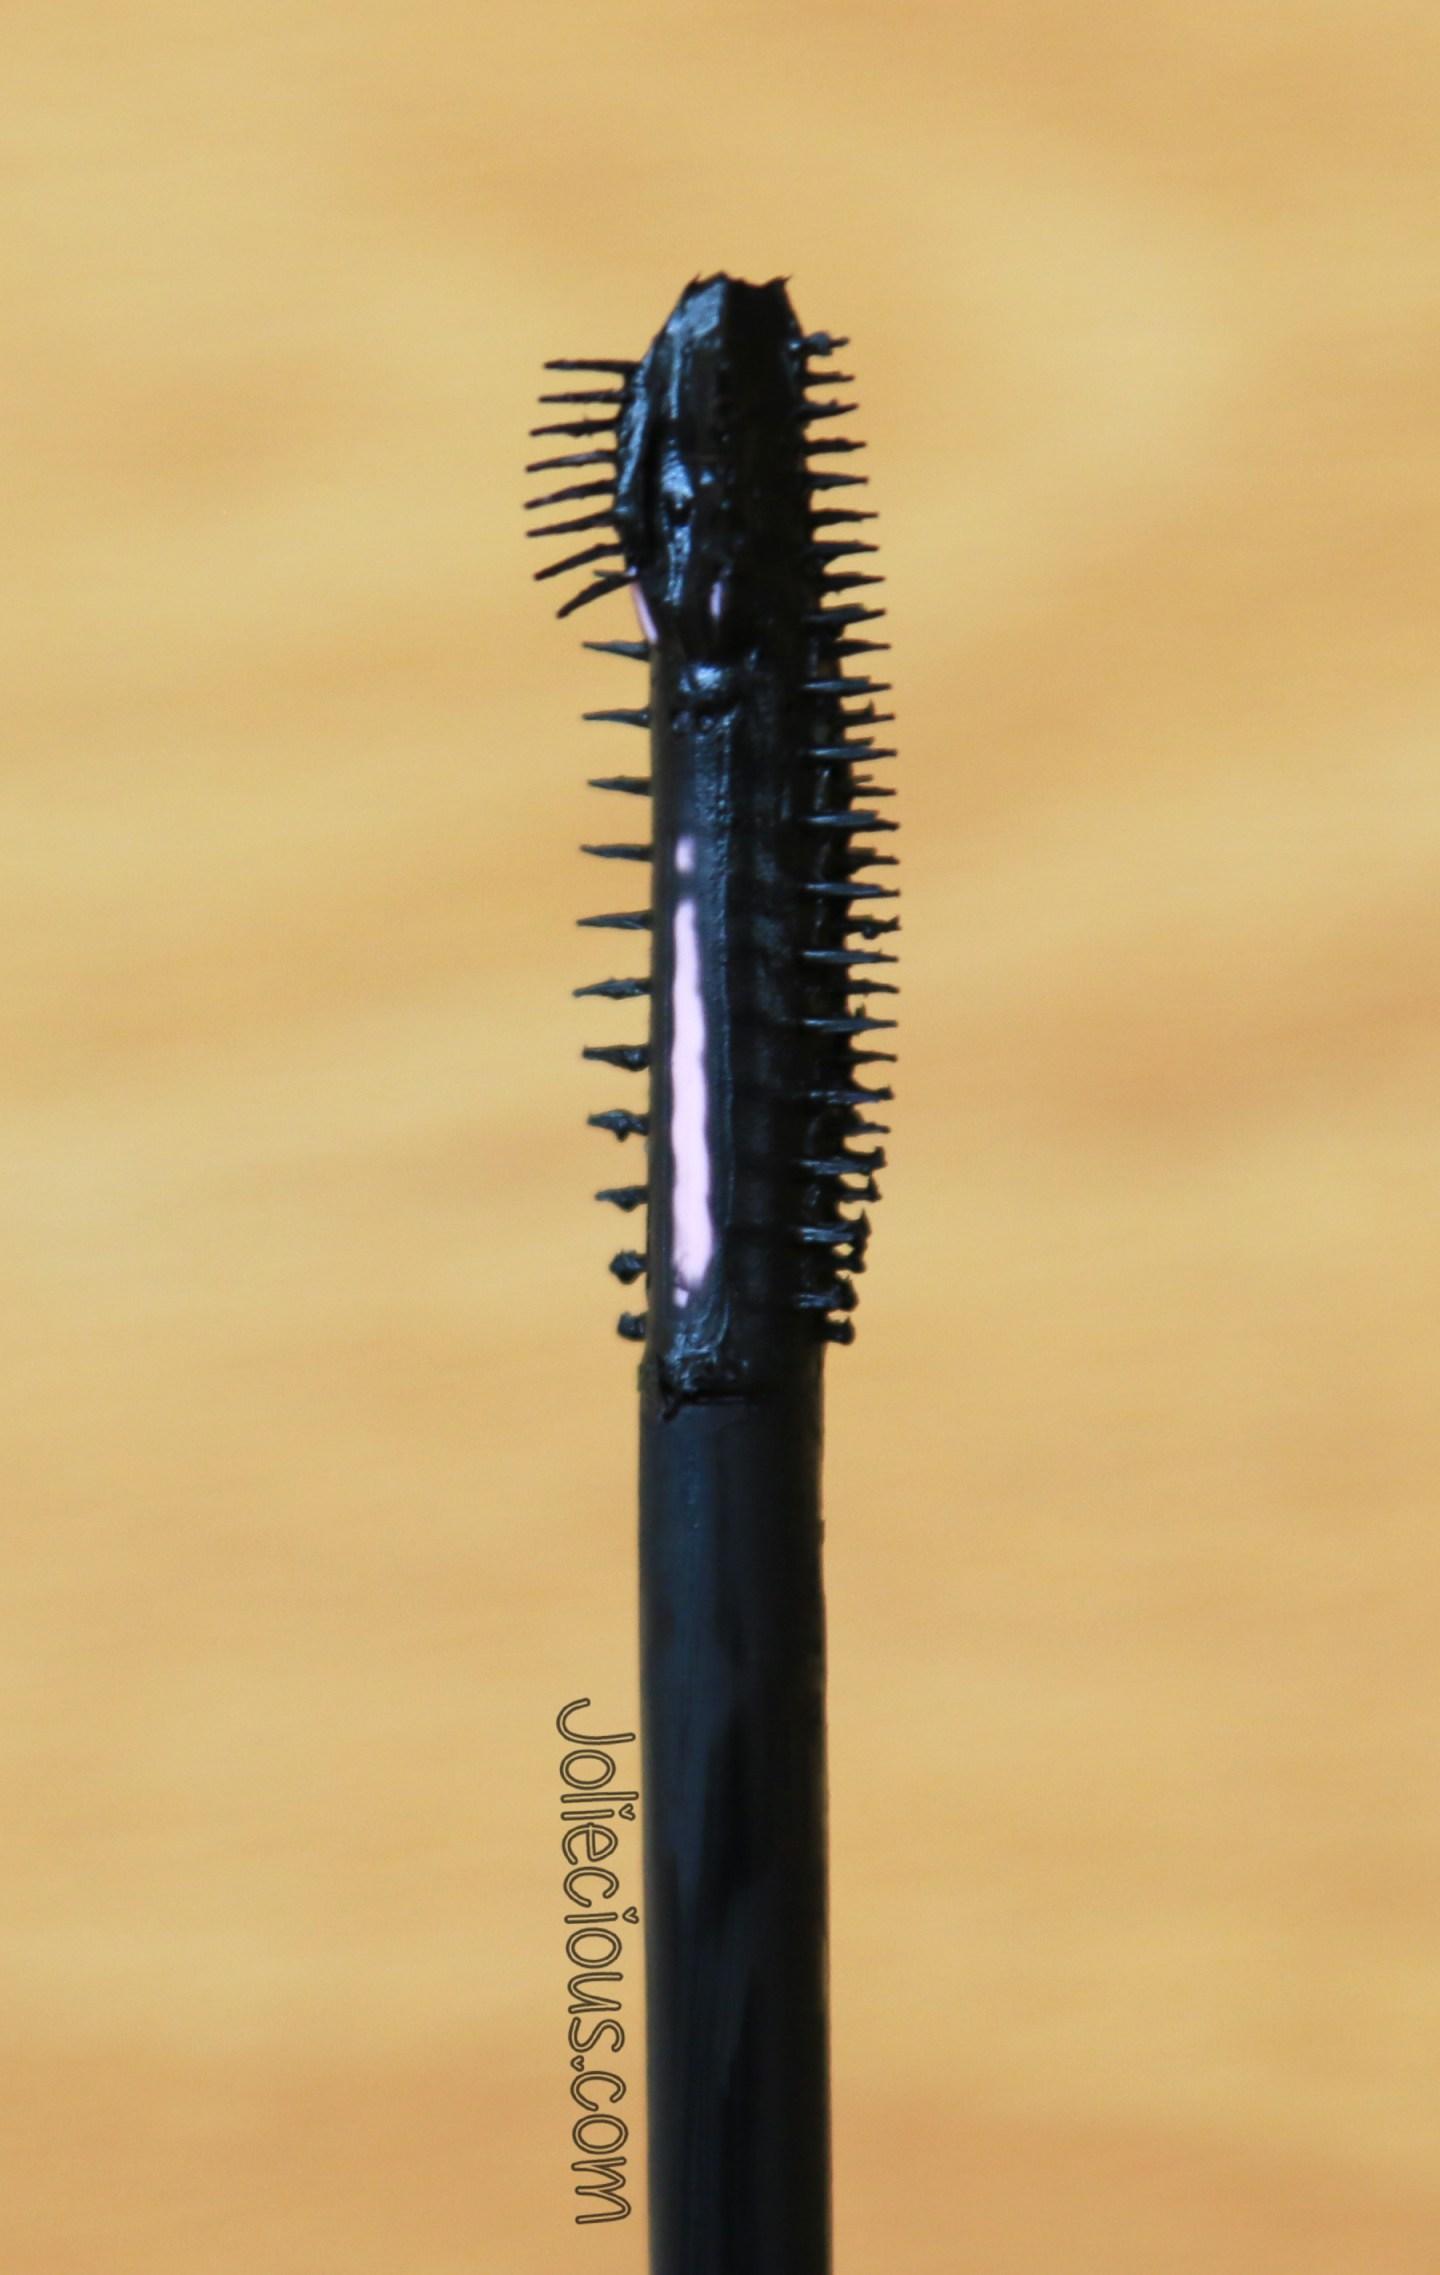 CoverGirl Total Tease Mascara - wand; Best Drugstore Mascara